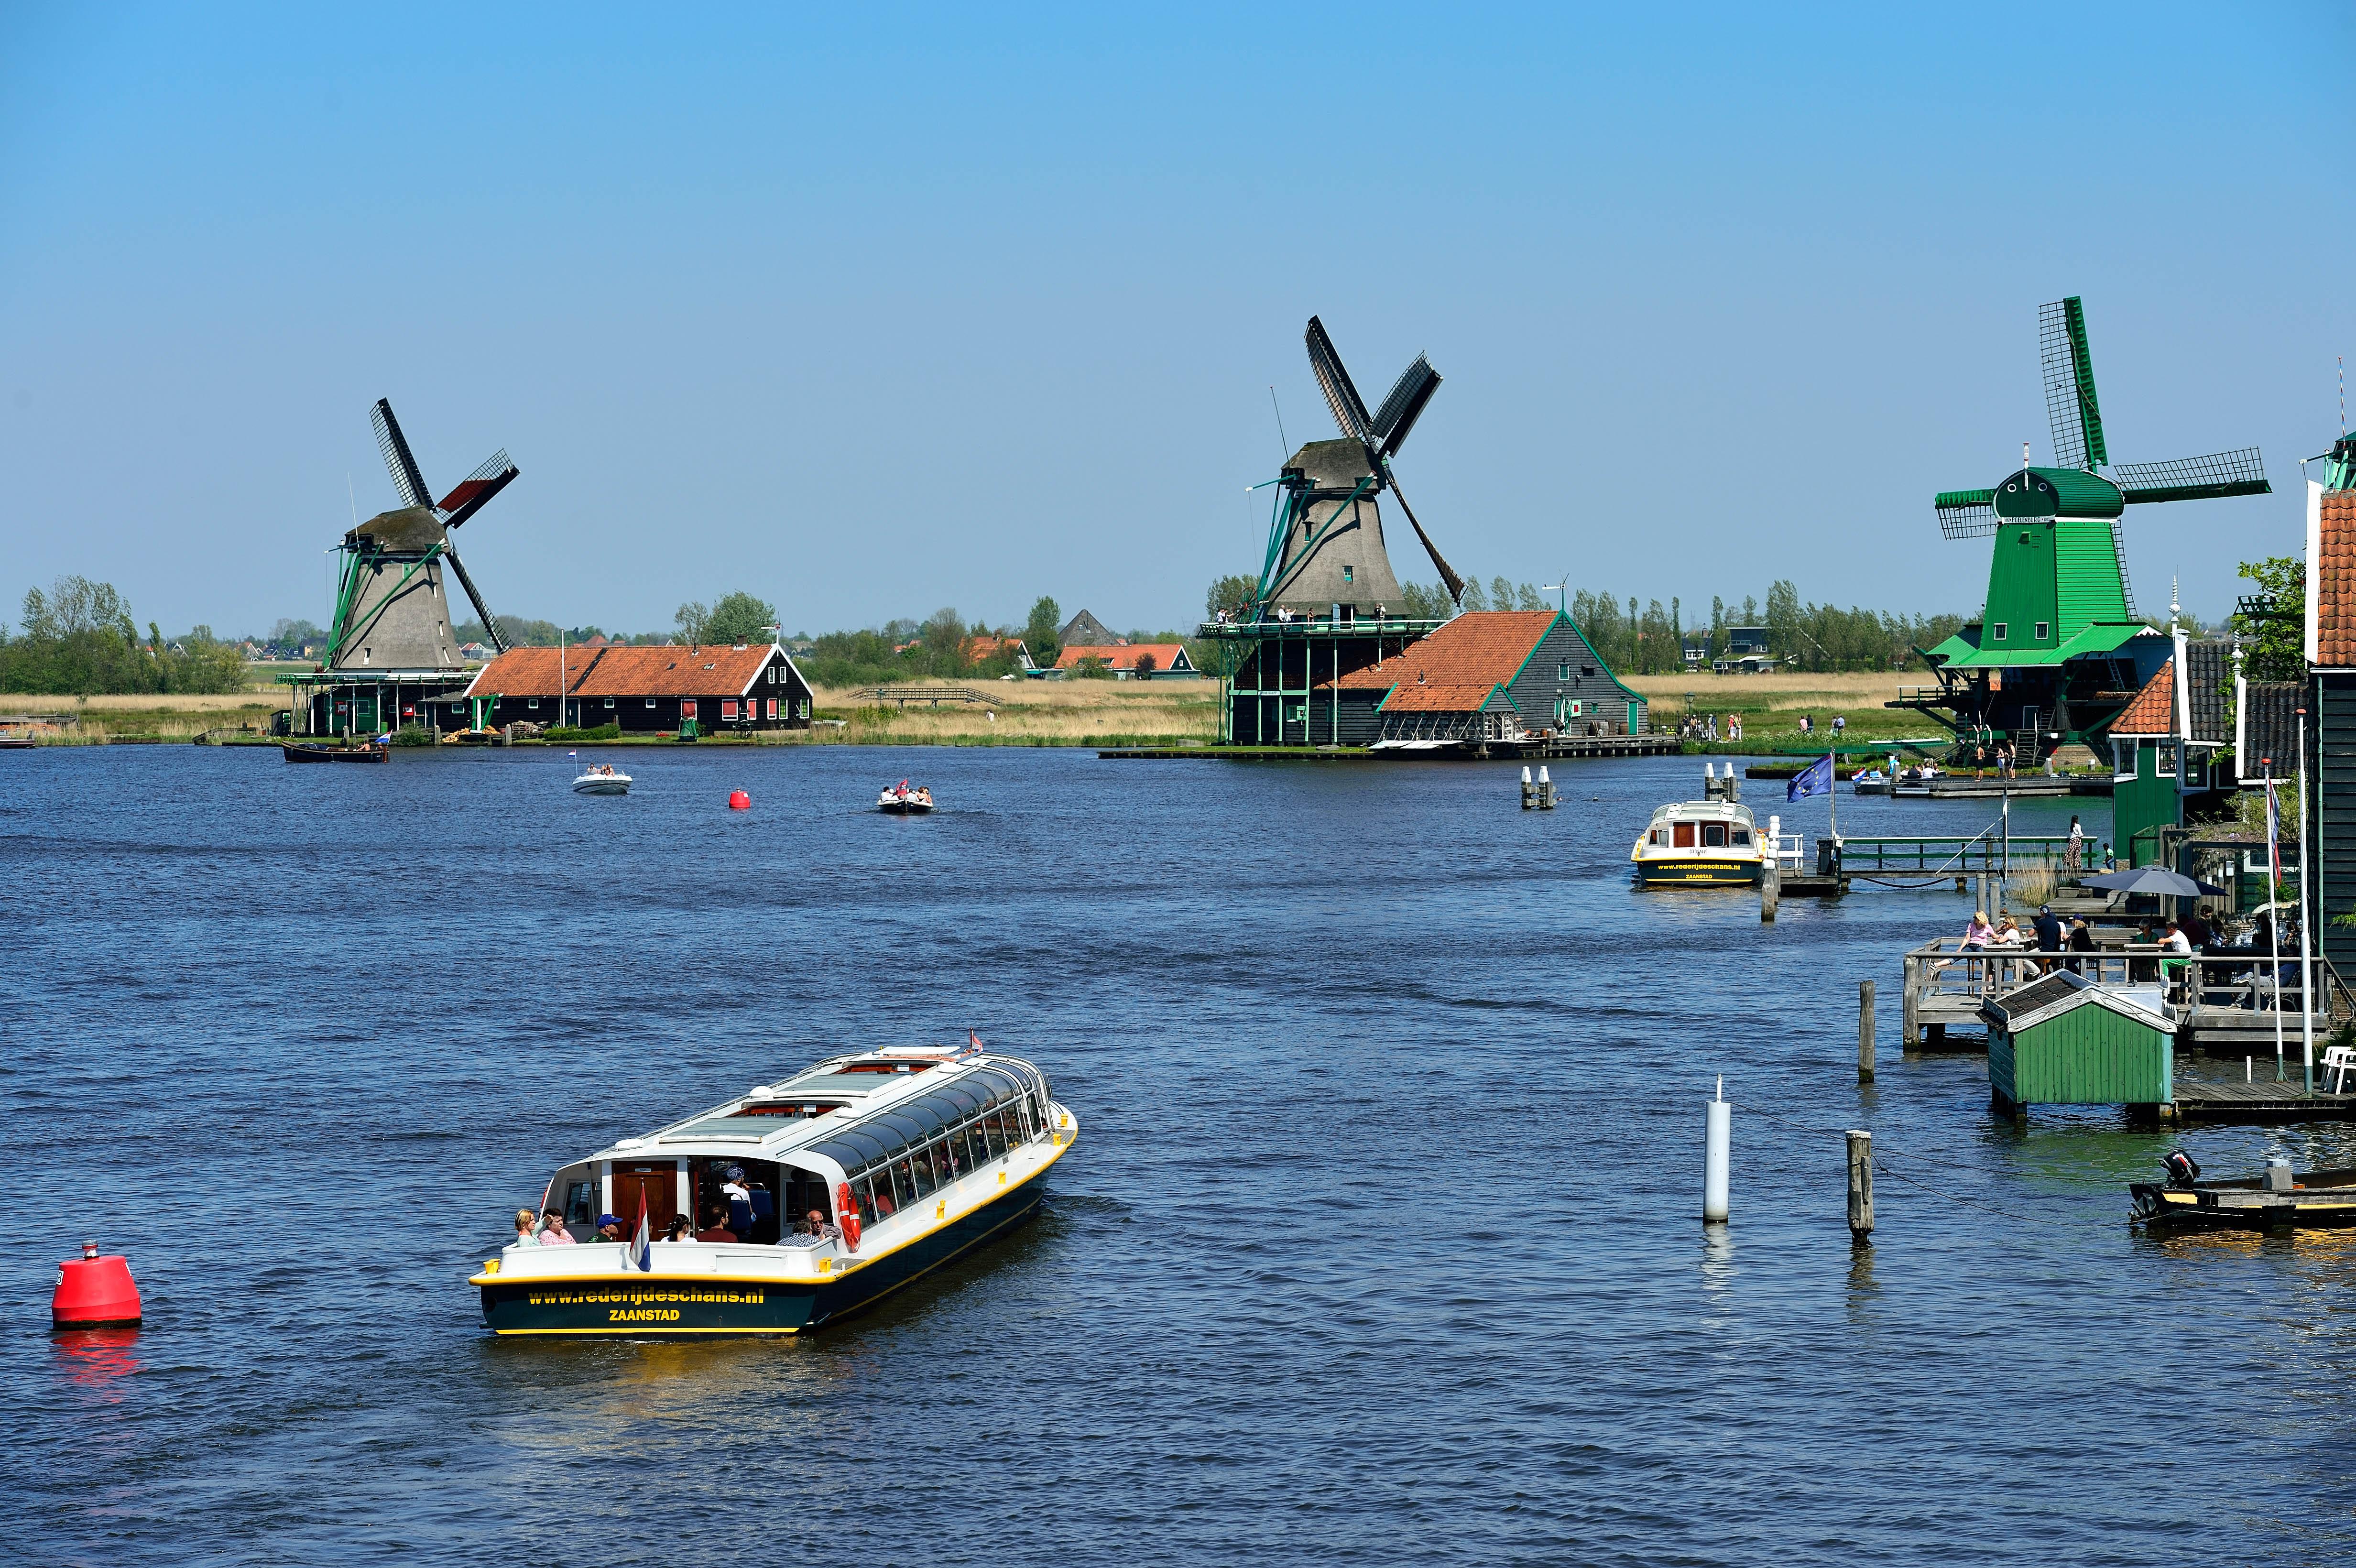 Jabsco Toilet Aanbieding : Boat tours and jetties around the zaanse schans